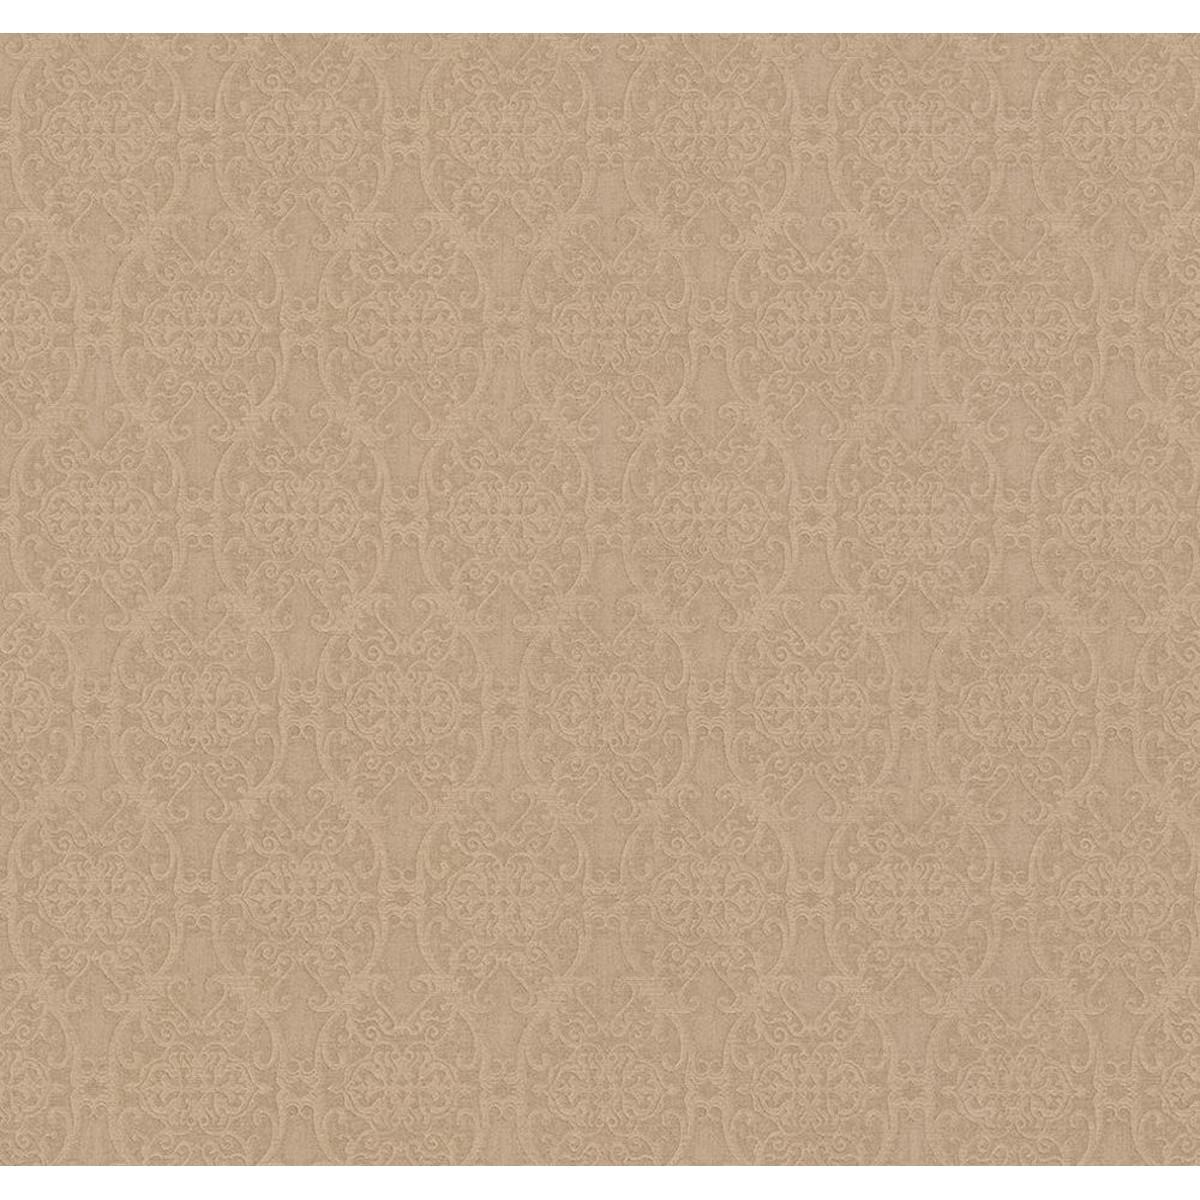 Обои флизелиновые Prima Italiana Infinity коричневые 1.06 м 50144